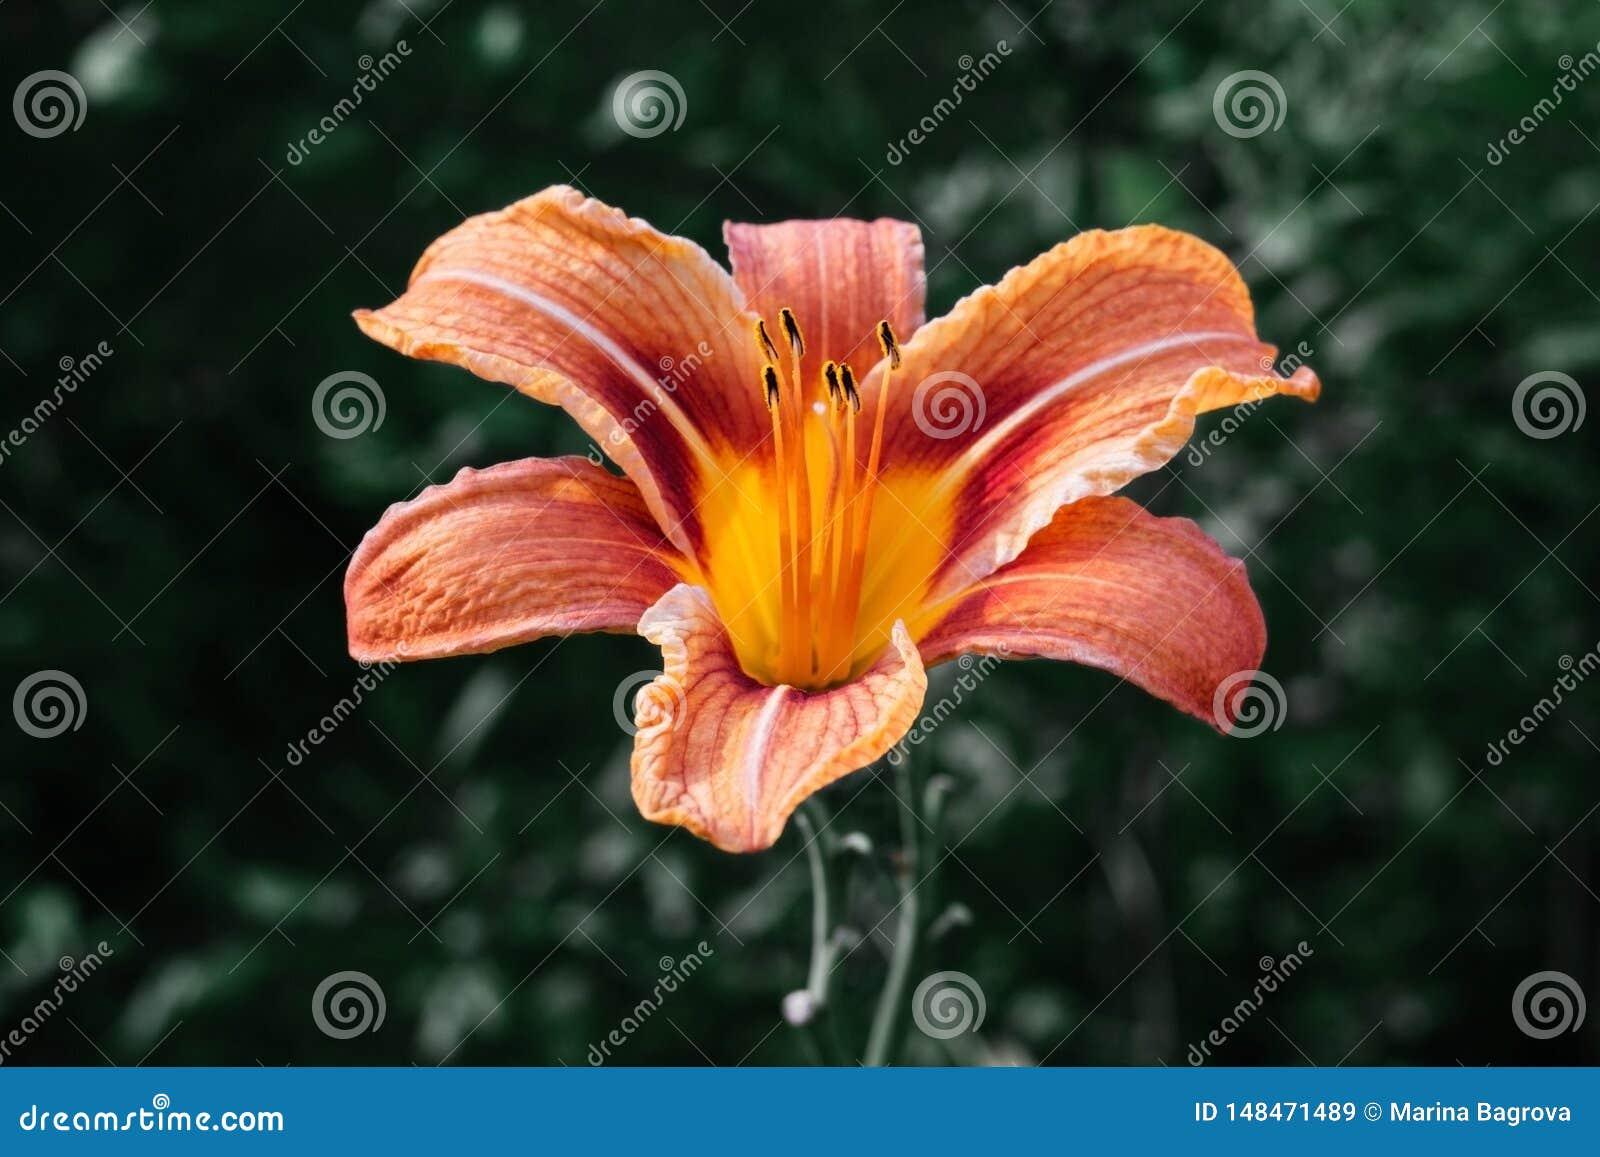 Яркий красивый оранжевый цветок daylily на зеленой предпосылке Лилия, hemerocallis с желтыми черными тычинками и апельсин